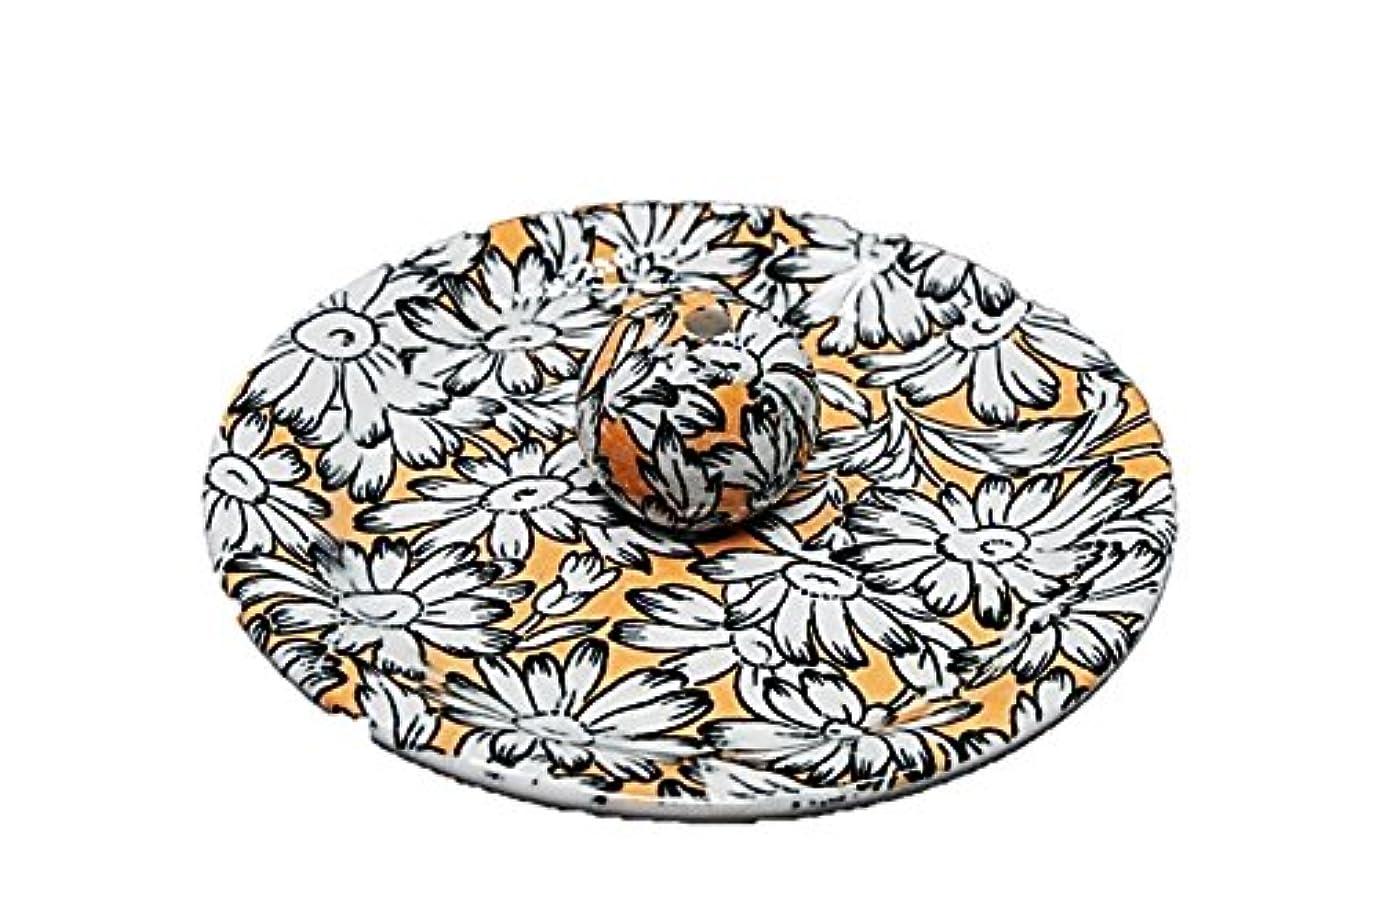 決して並外れて挨拶する9-31 マーガレット オレンジ 9cm香皿 お香立て お香たて 陶器 日本製 製造?直売品